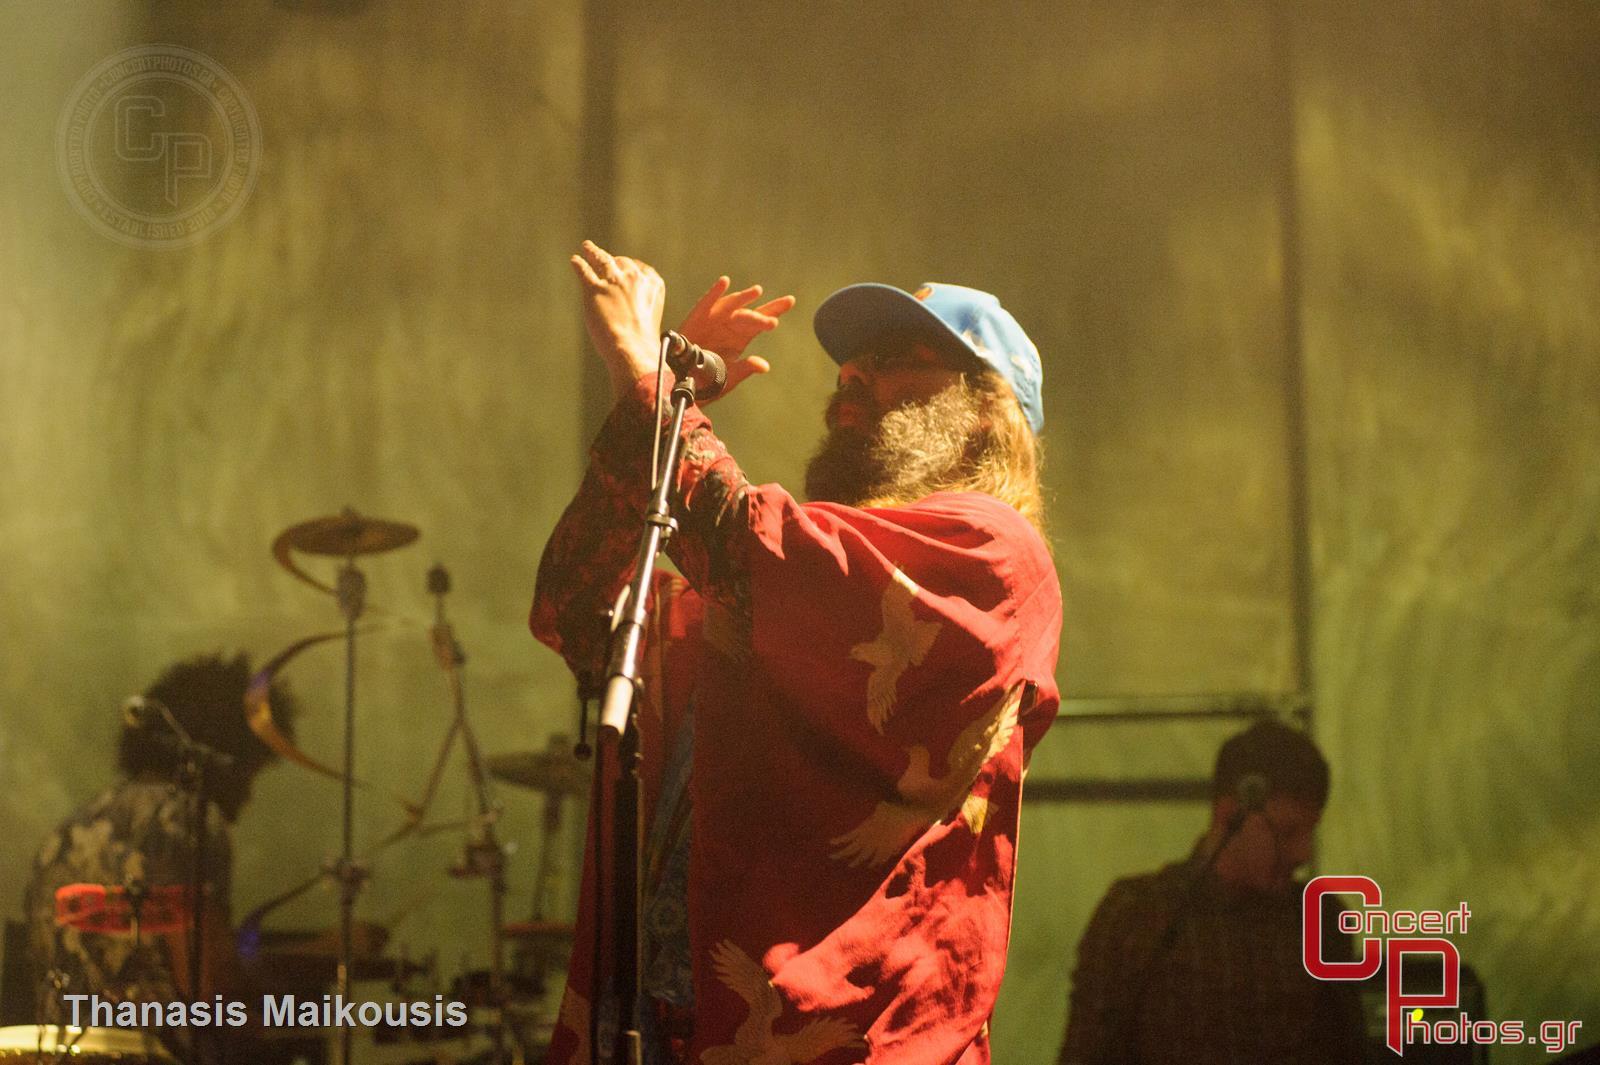 Sebastien Telier & Liebe-Sebastien Telier Liebe photographer: Thanasis Maikousis - concertphotos_20141107_23_35_40